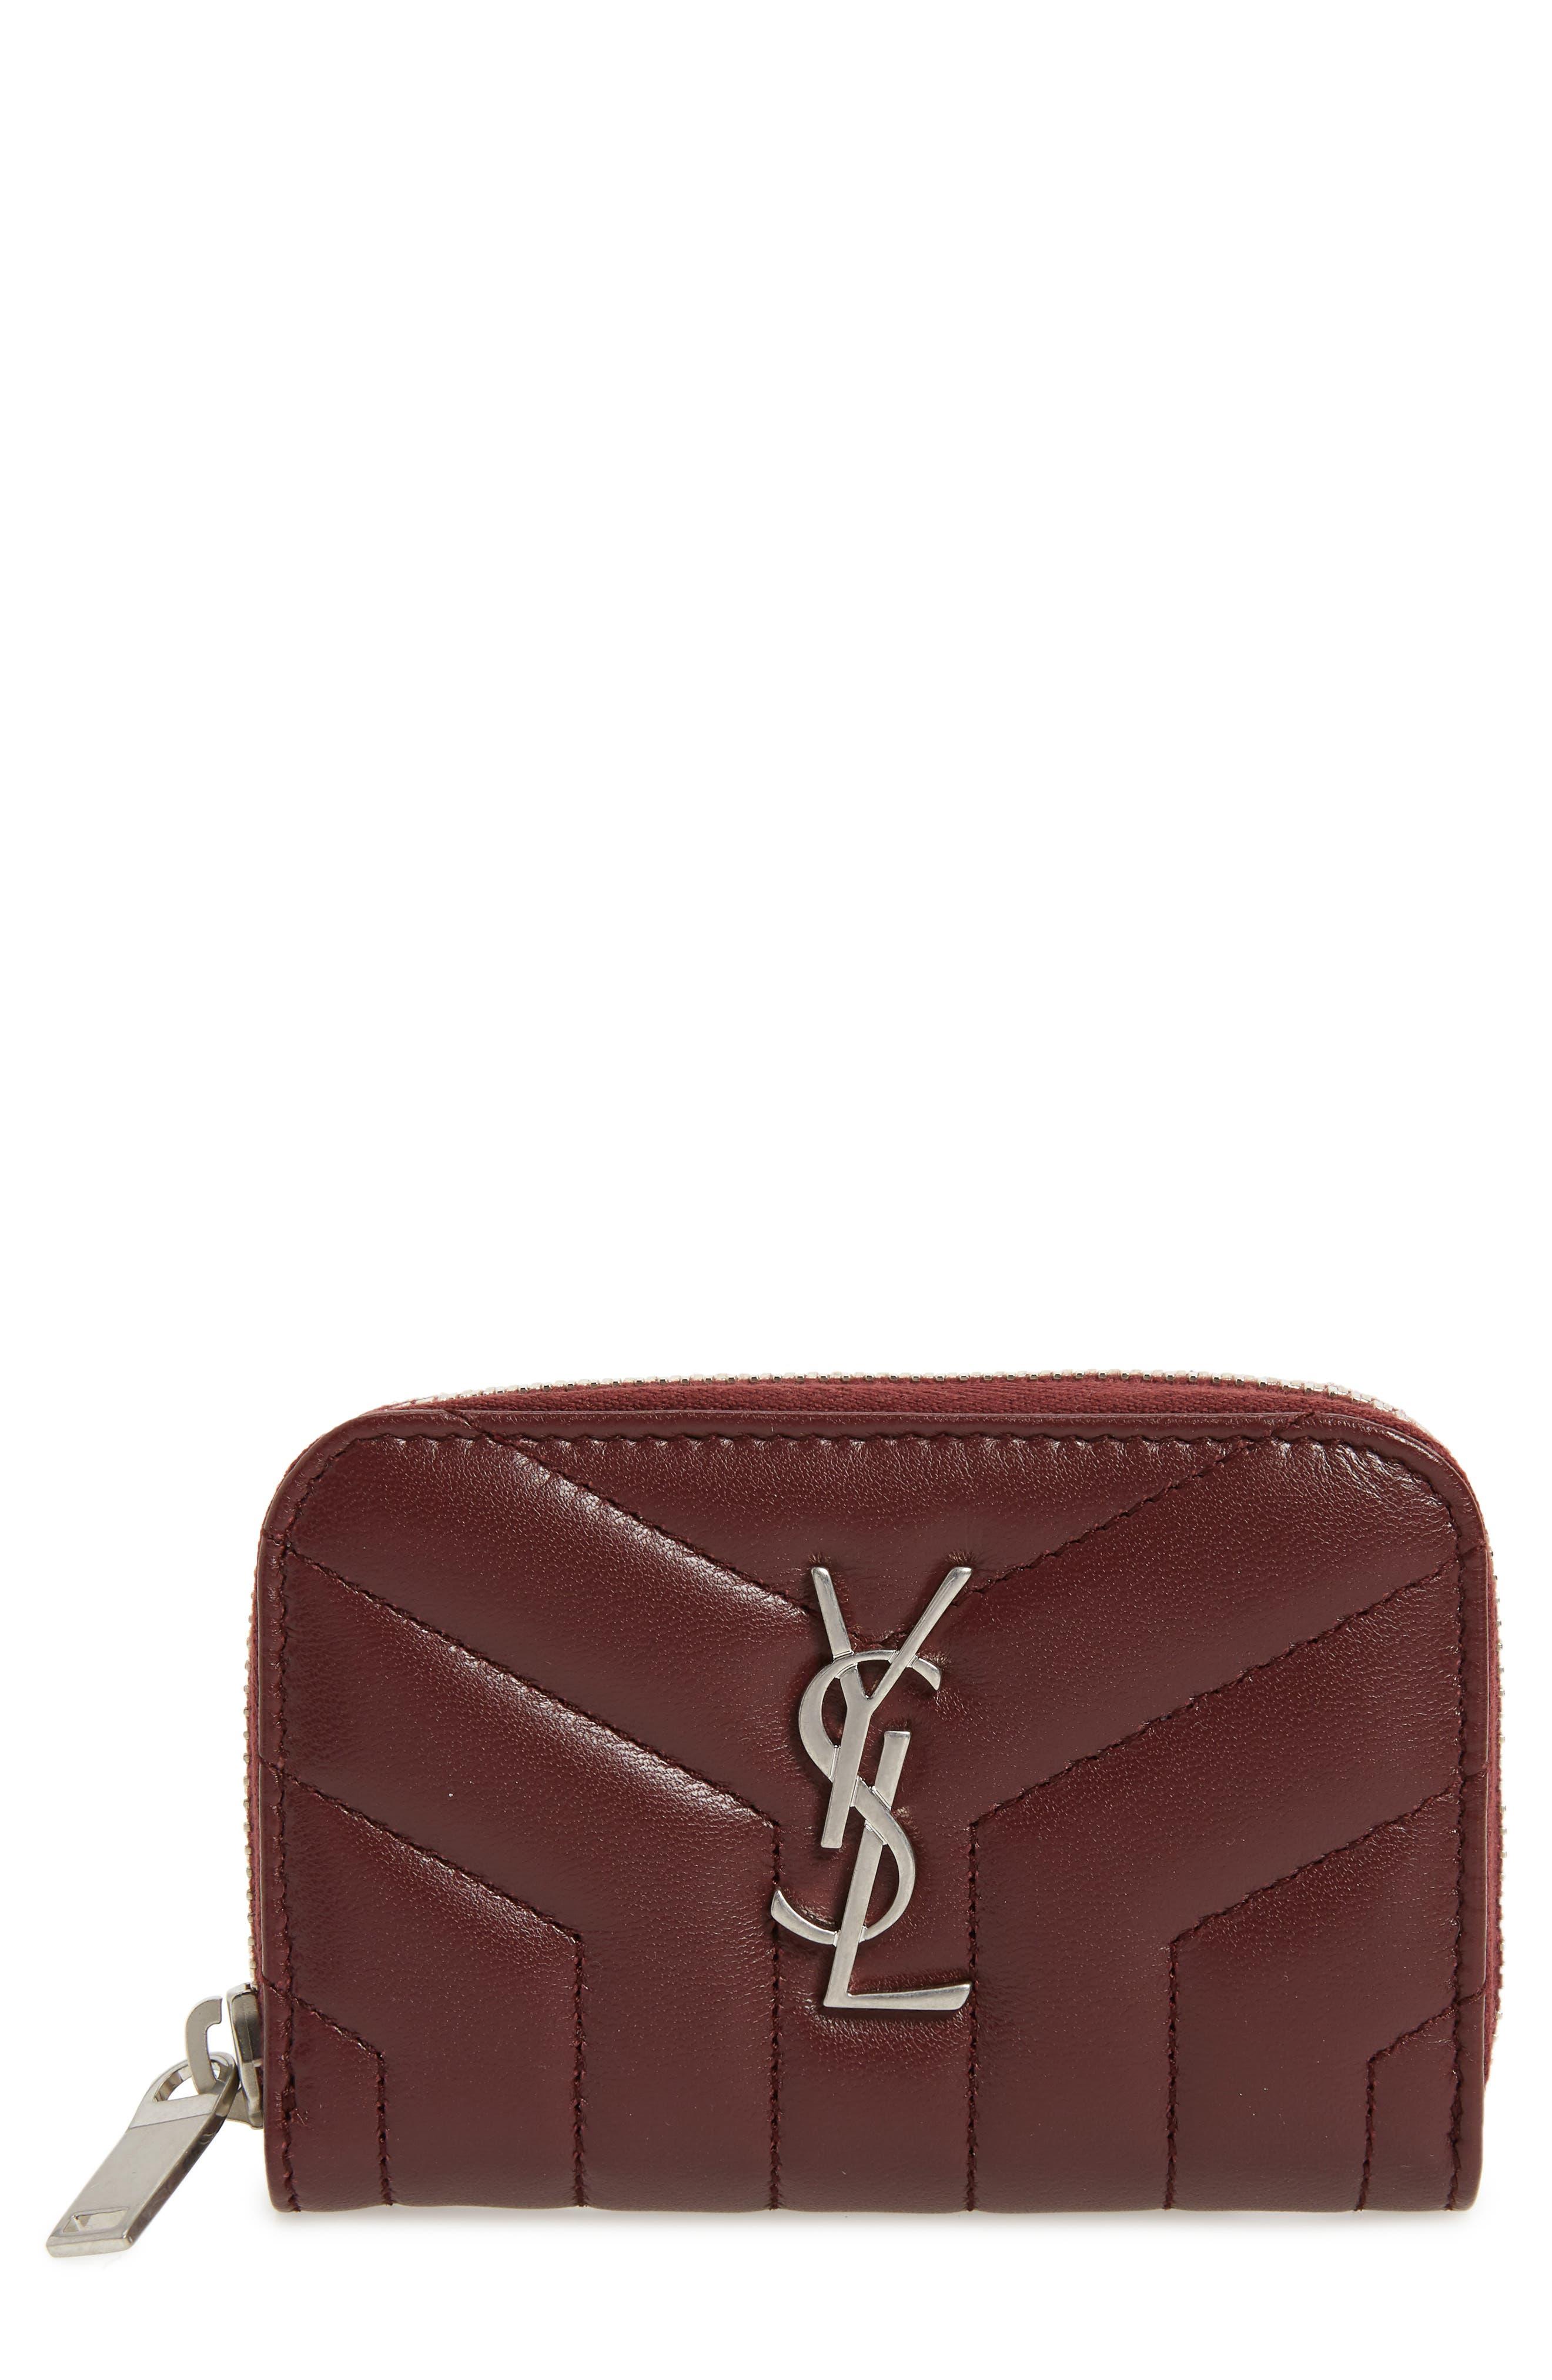 Saint Laurent Lou Lou Matelassé Leather Card Wallet